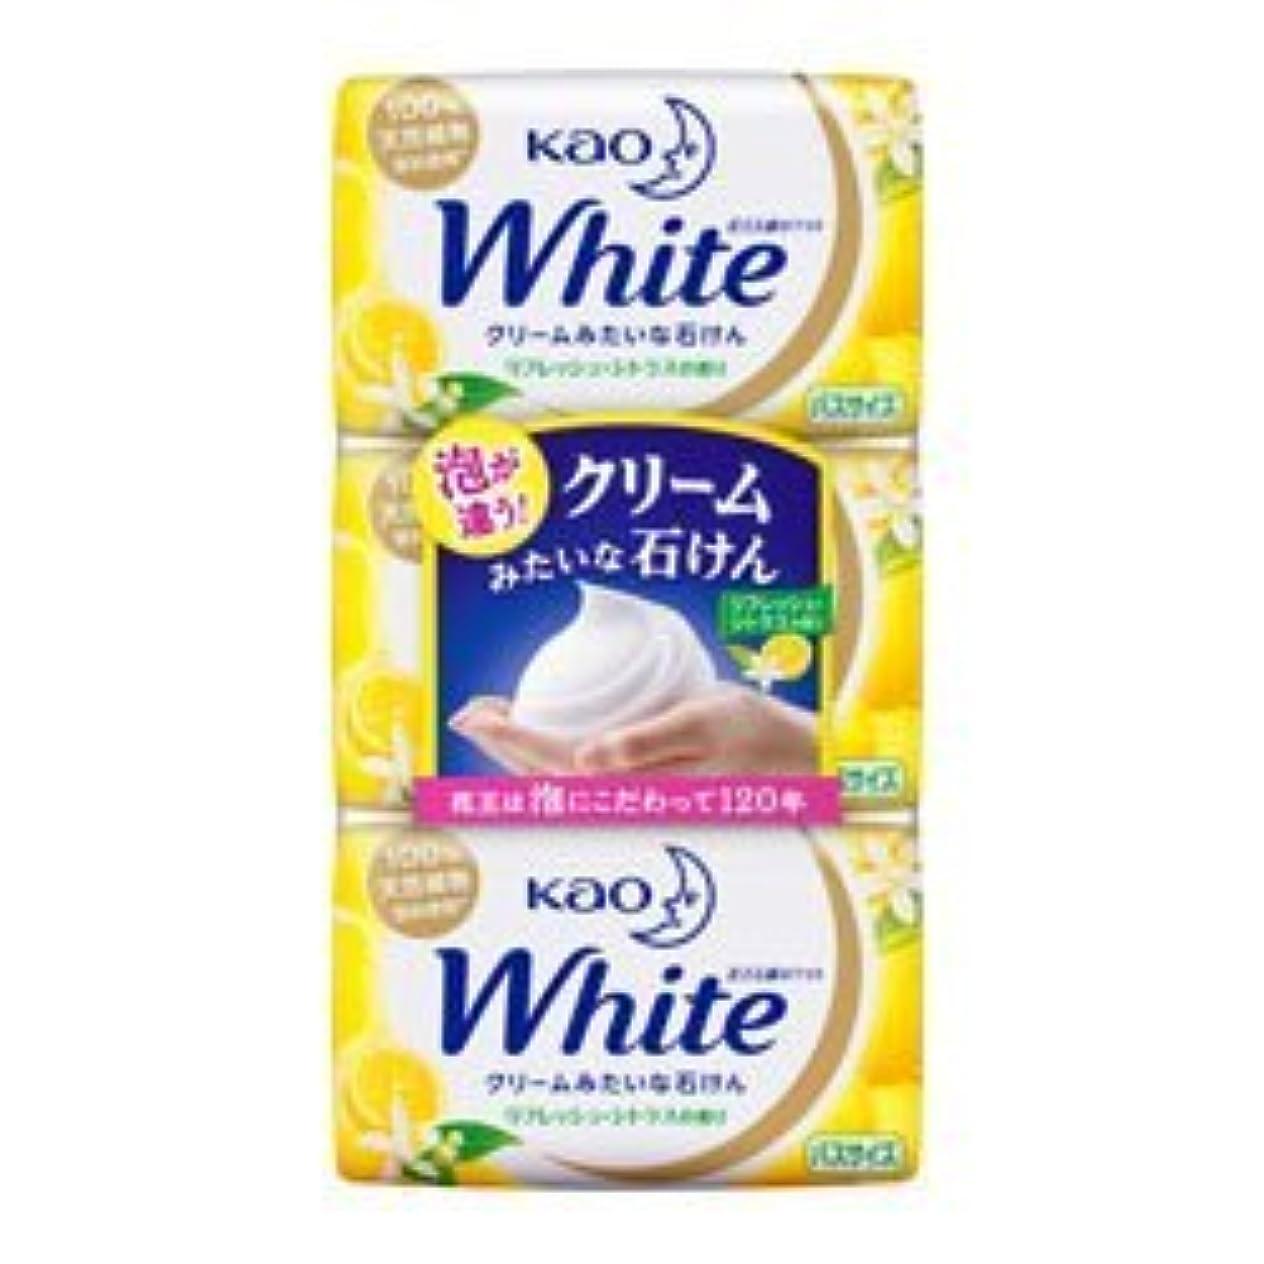 権限住むエイリアン【花王】ホワイト リフレッシュ?シトラスの香り バスサイズ 130g×3個入 ×3個セット